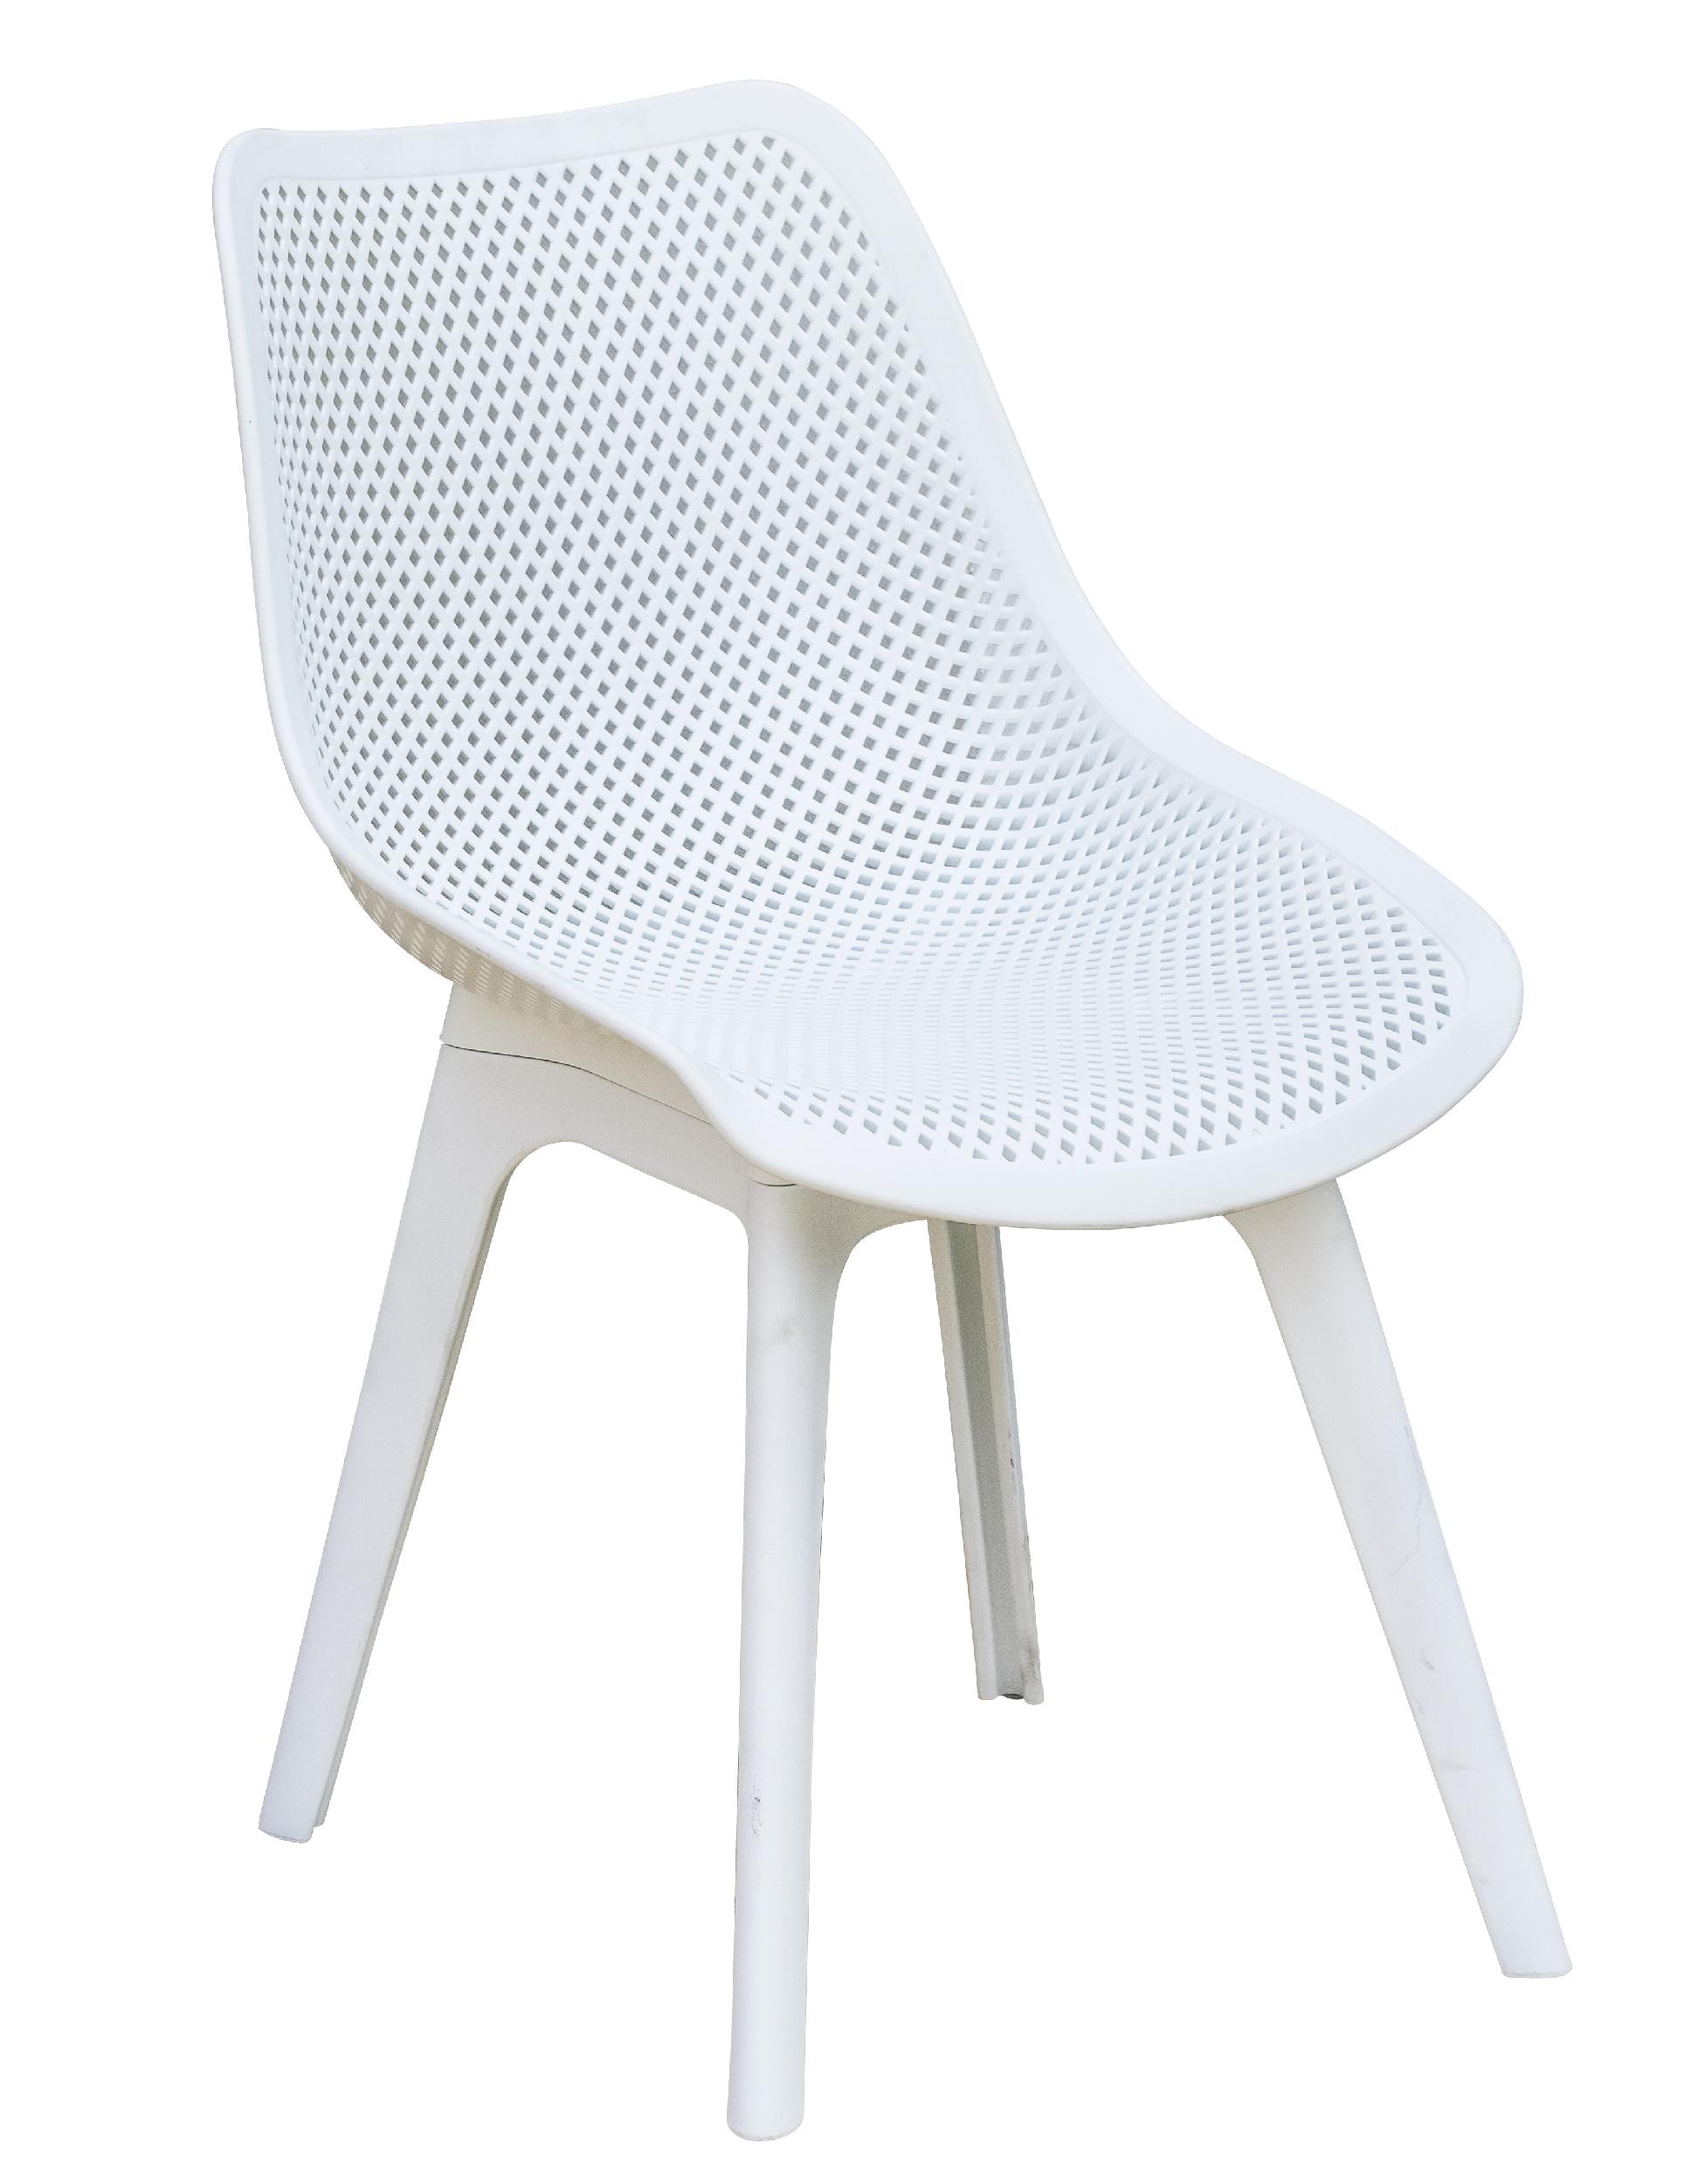 Chaise de jardin en PVC perforé blanc